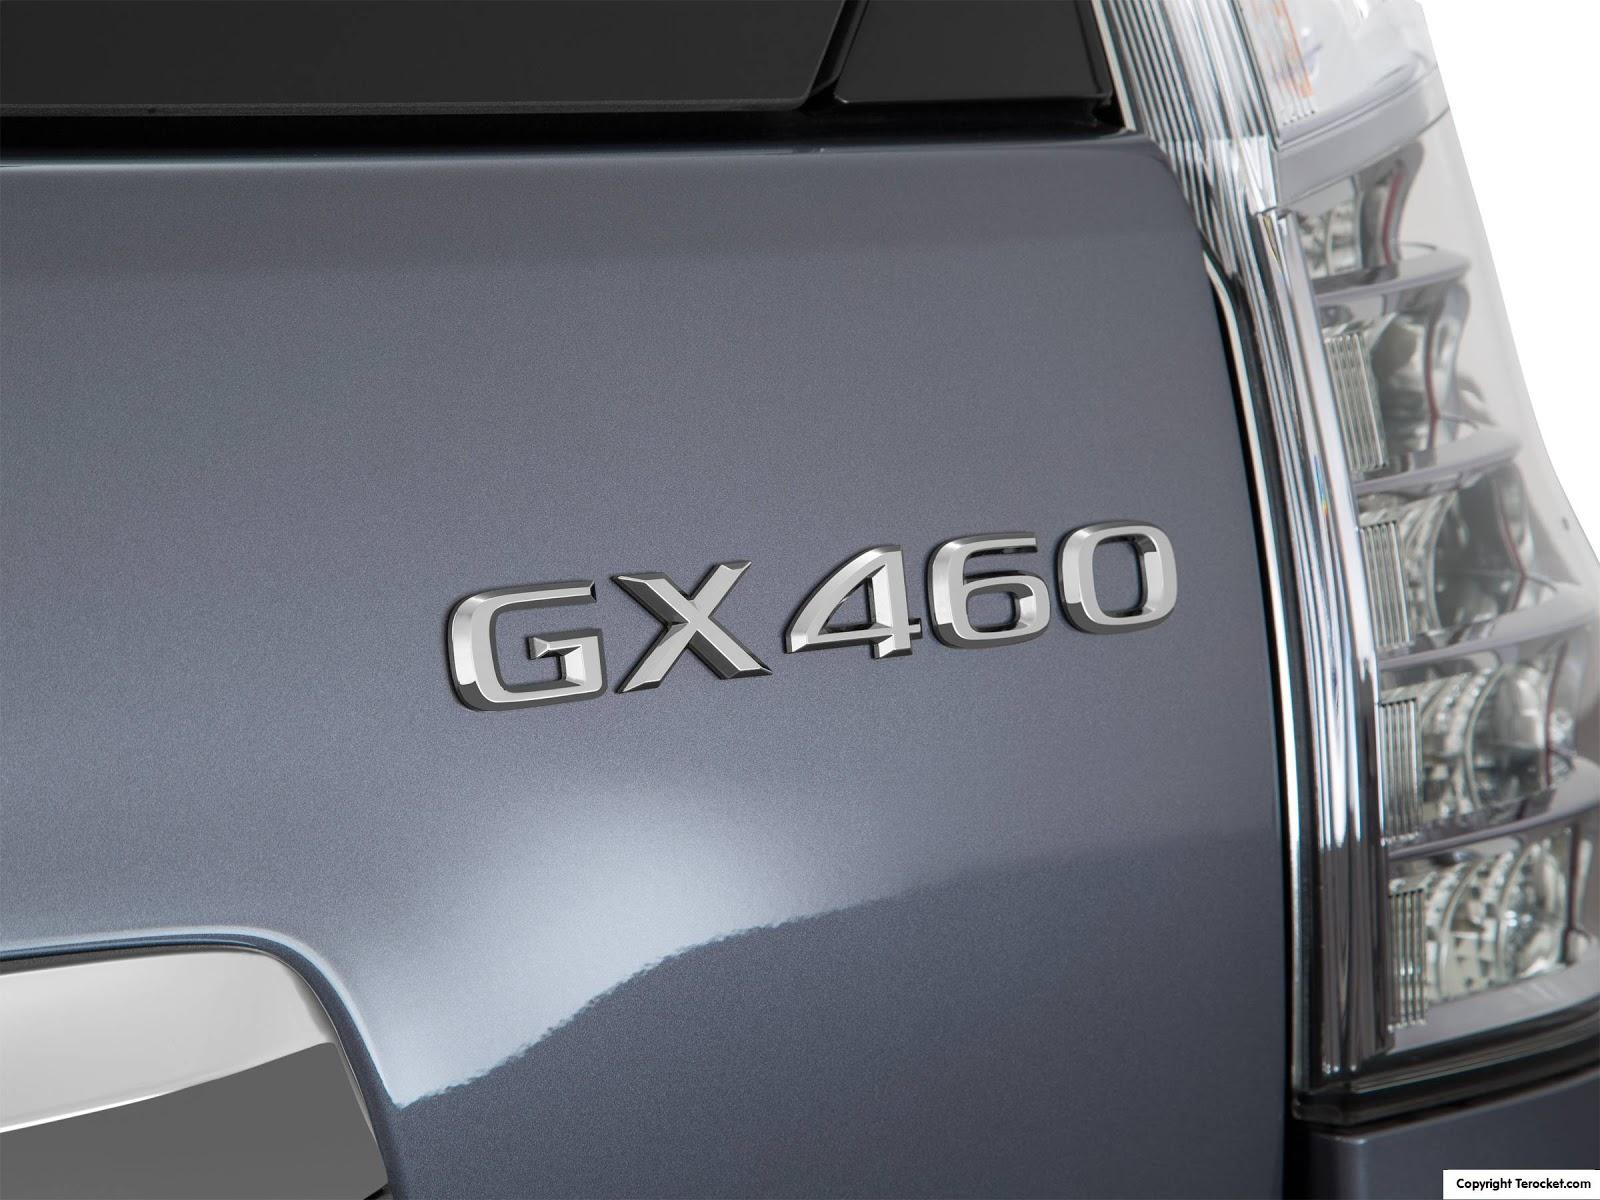 Đánh giá xe Lexus GX460 2016